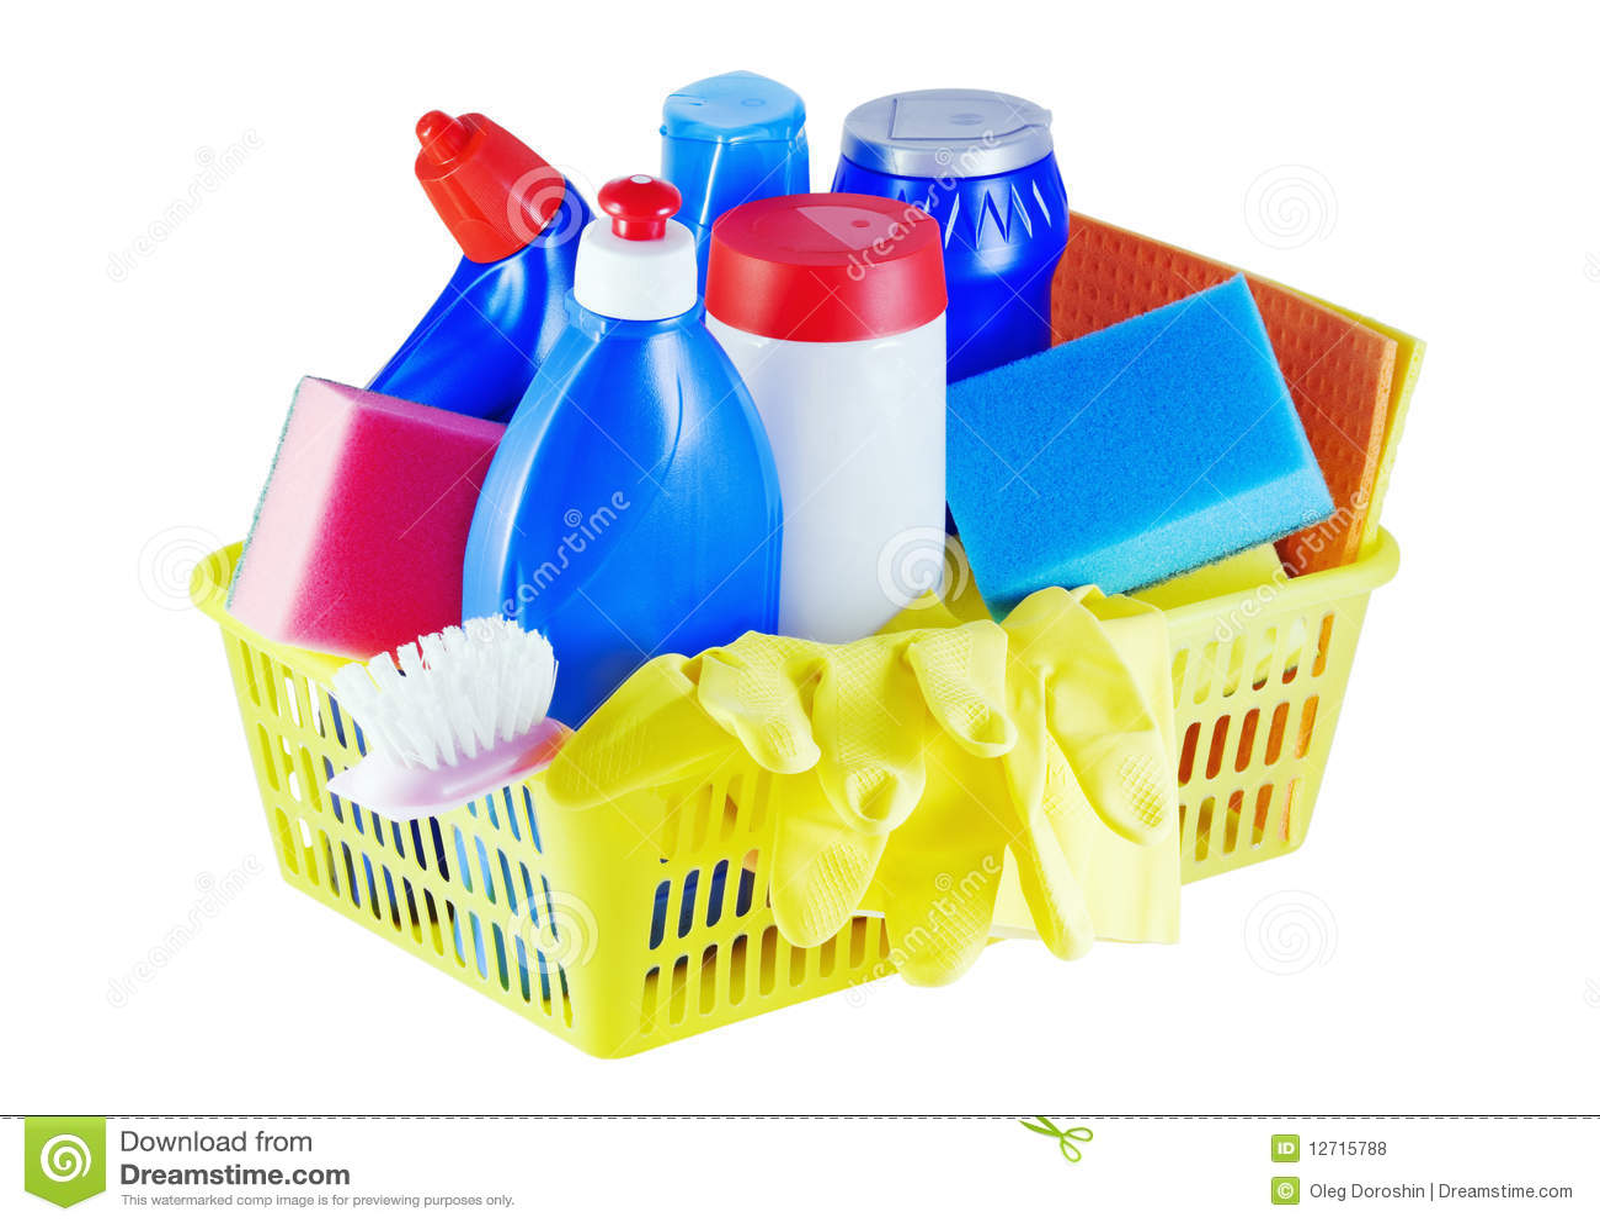 Productos qu micos de hogar fotos de archivo libres de - Limpieza de hogares ...